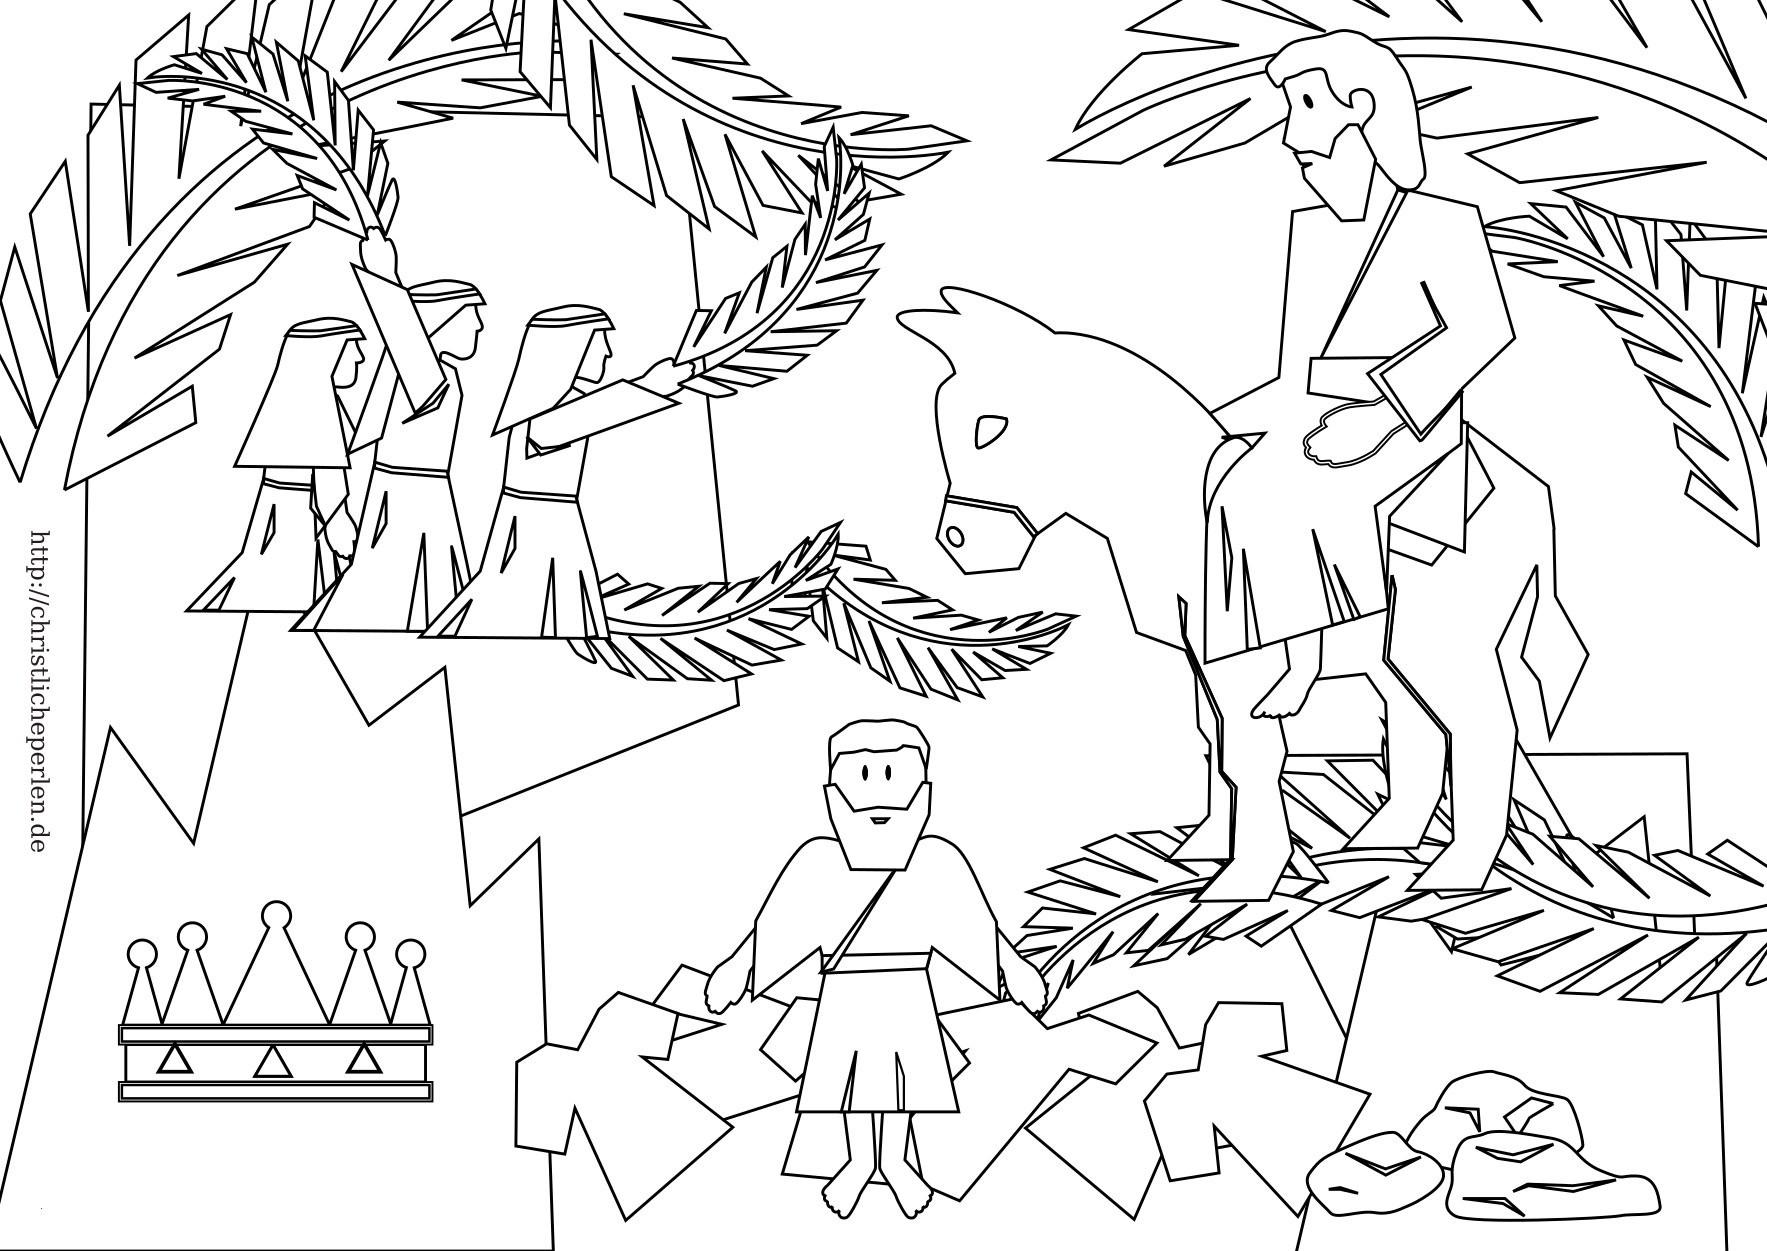 Arlo Und Spot Ausmalbilder Frisch Ausmalbilder Arlo Und Spot Einzigartig Ausmalbild Indominus Rex Neu Bilder